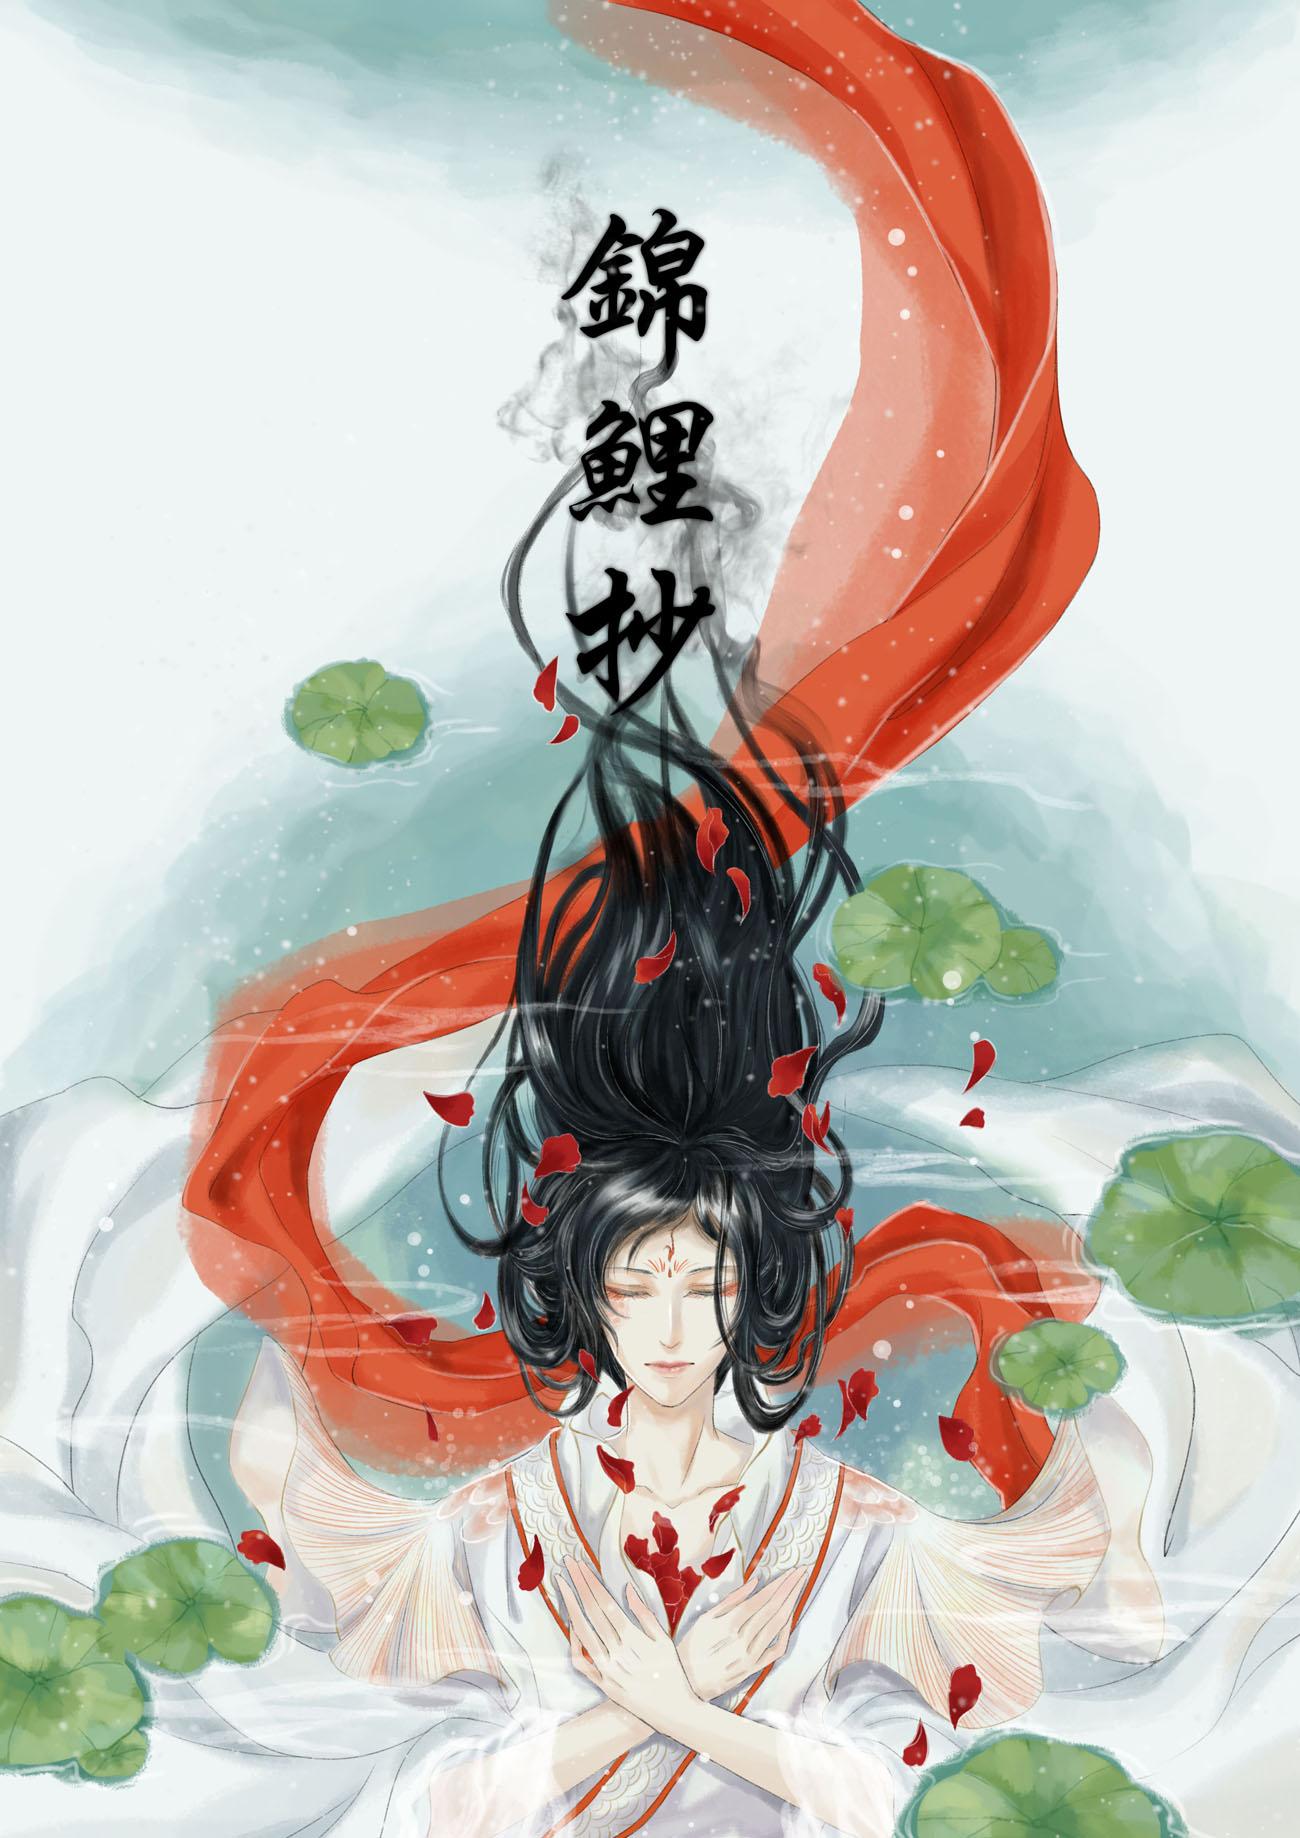 『新启』锦鲤抄